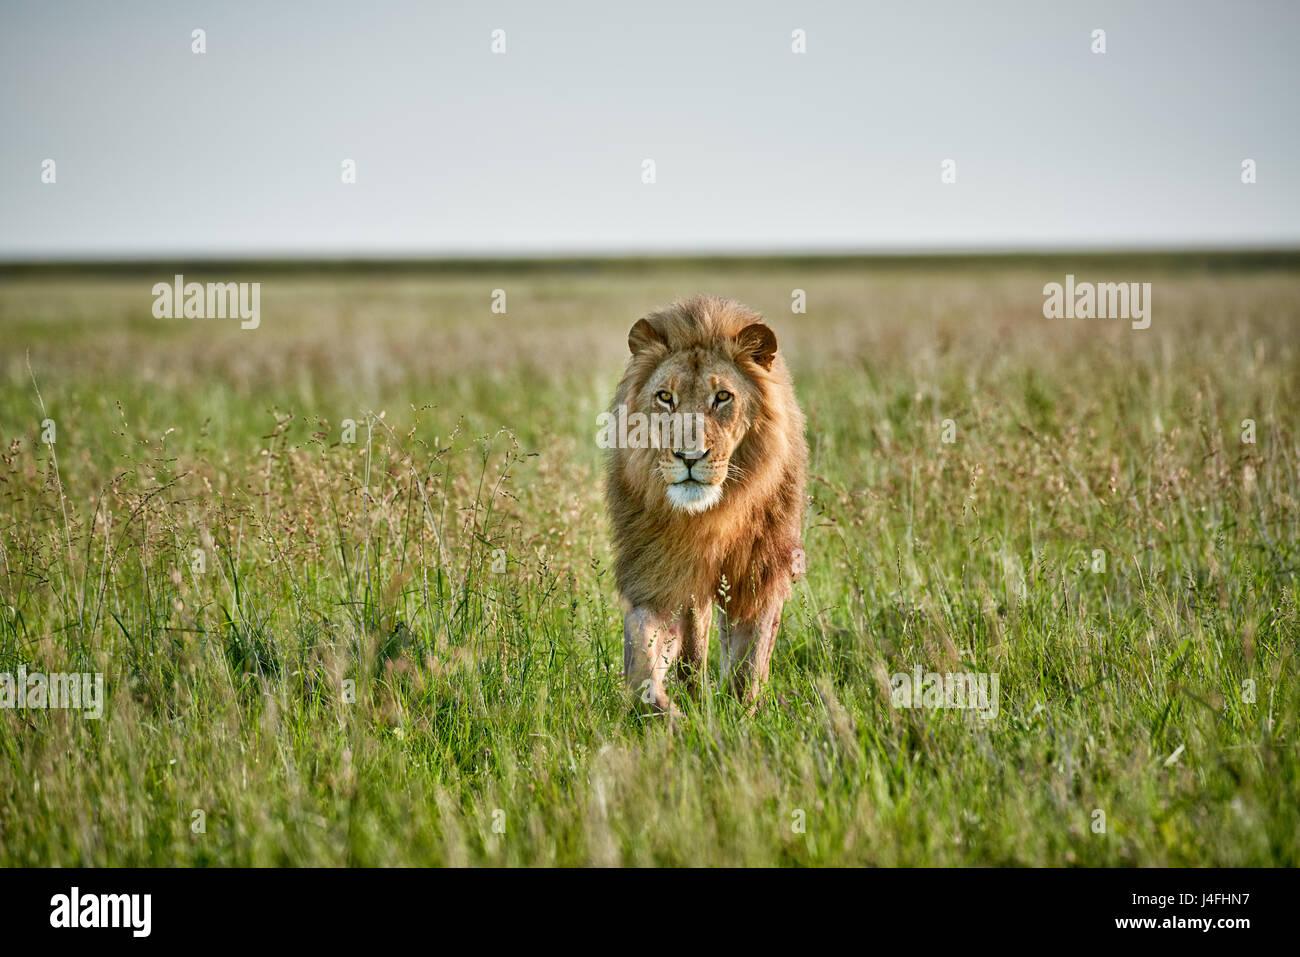 Leone maschio (panthera leo) pattugliamento attraverso la zona, lo spazio libero su un lato Immagini Stock